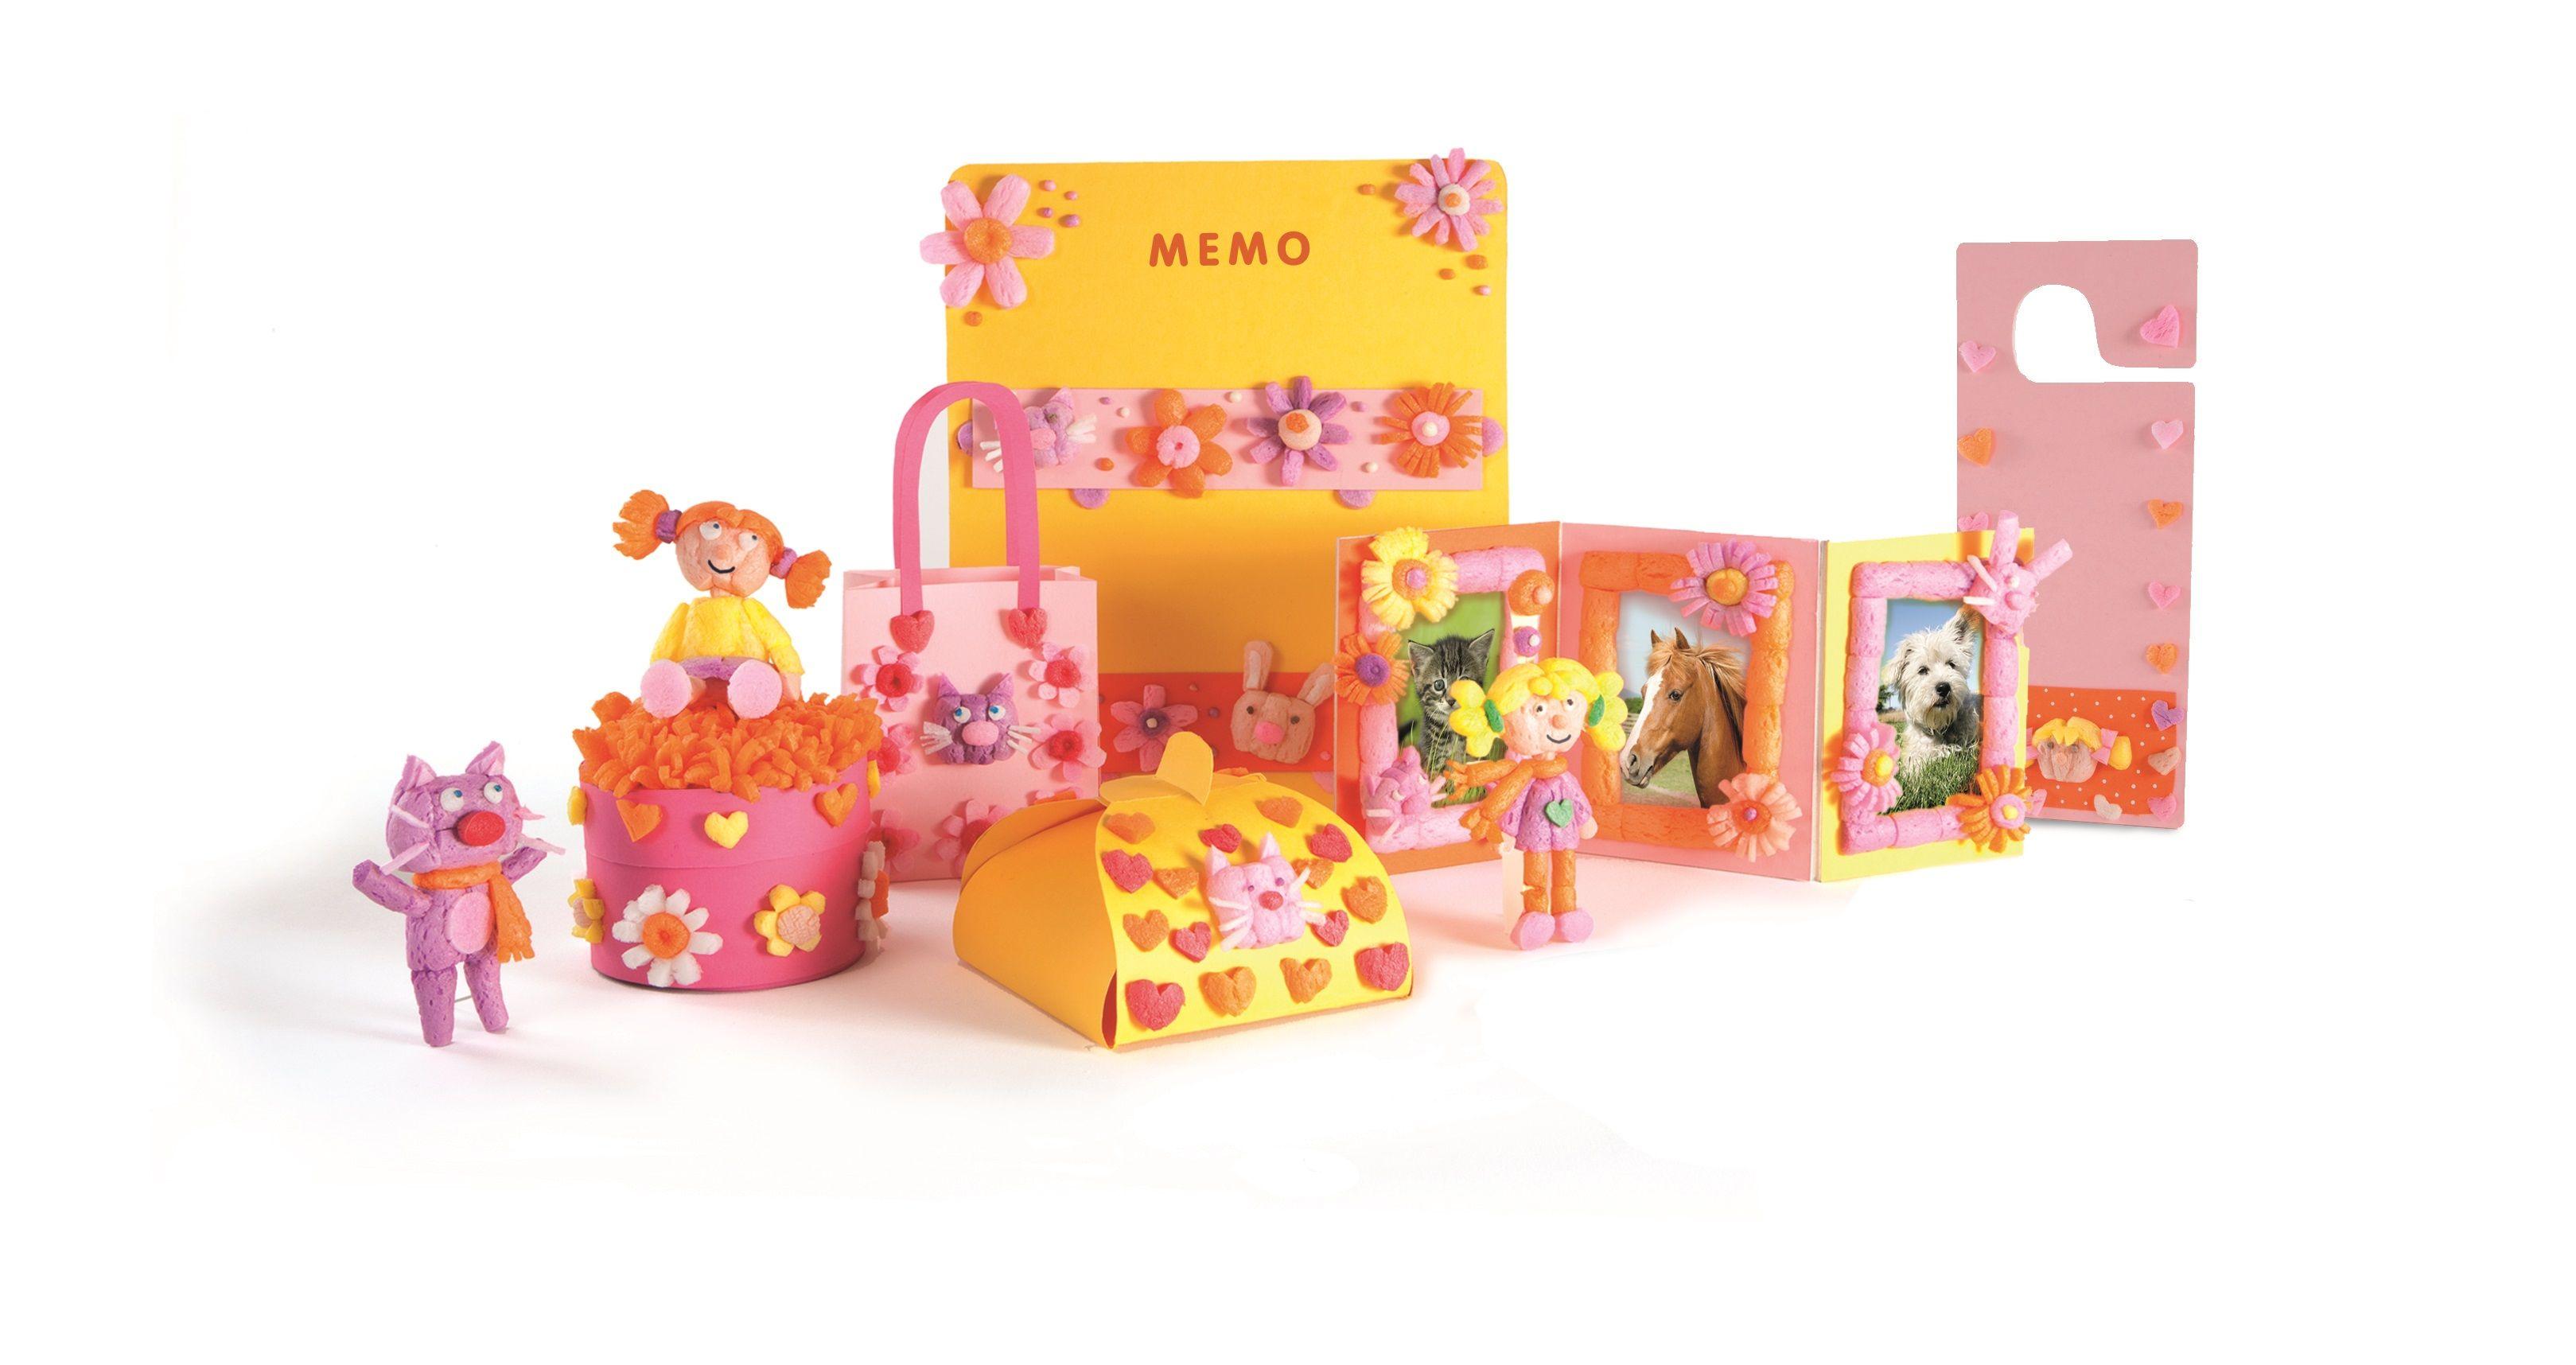 Alles mit PlayMais dekorieren. Einladunfskarten, Bilderrahmen und Figuren.